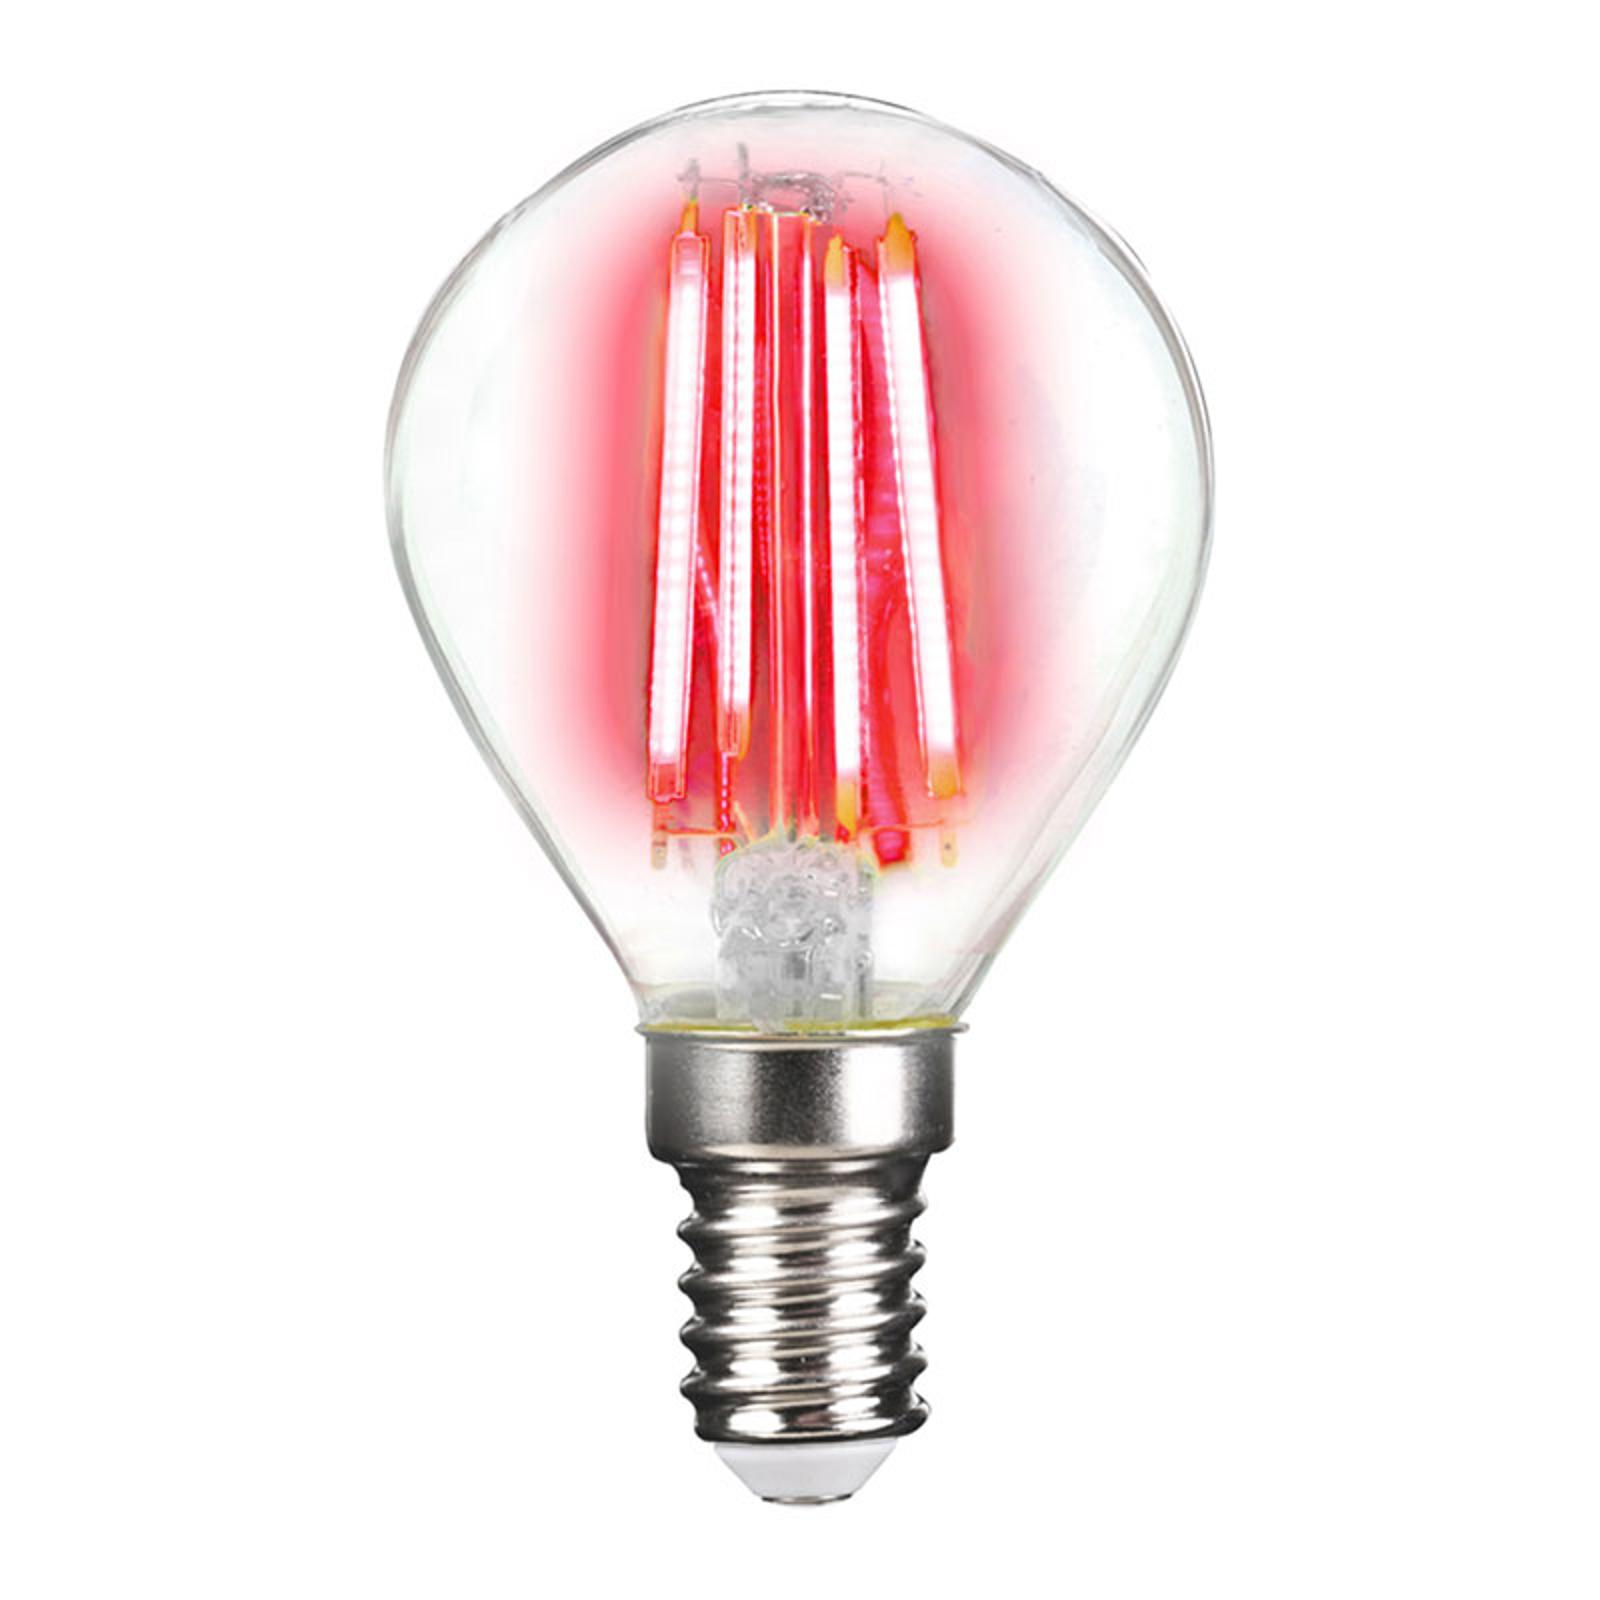 LED lamp E14 4W filament, rood